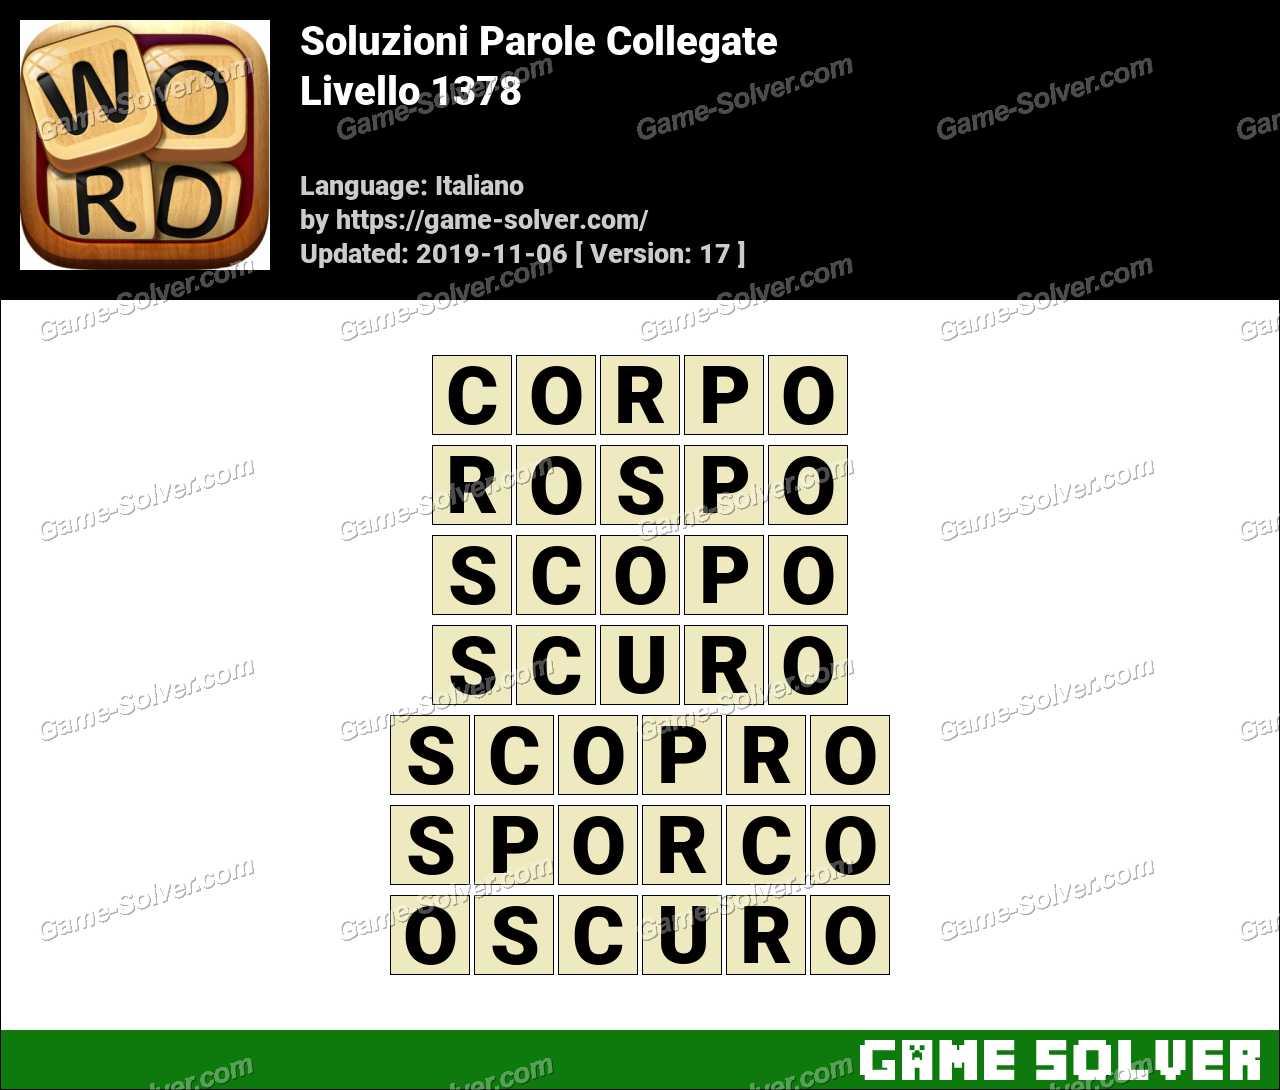 Soluzioni Parole Collegate Livello 1378